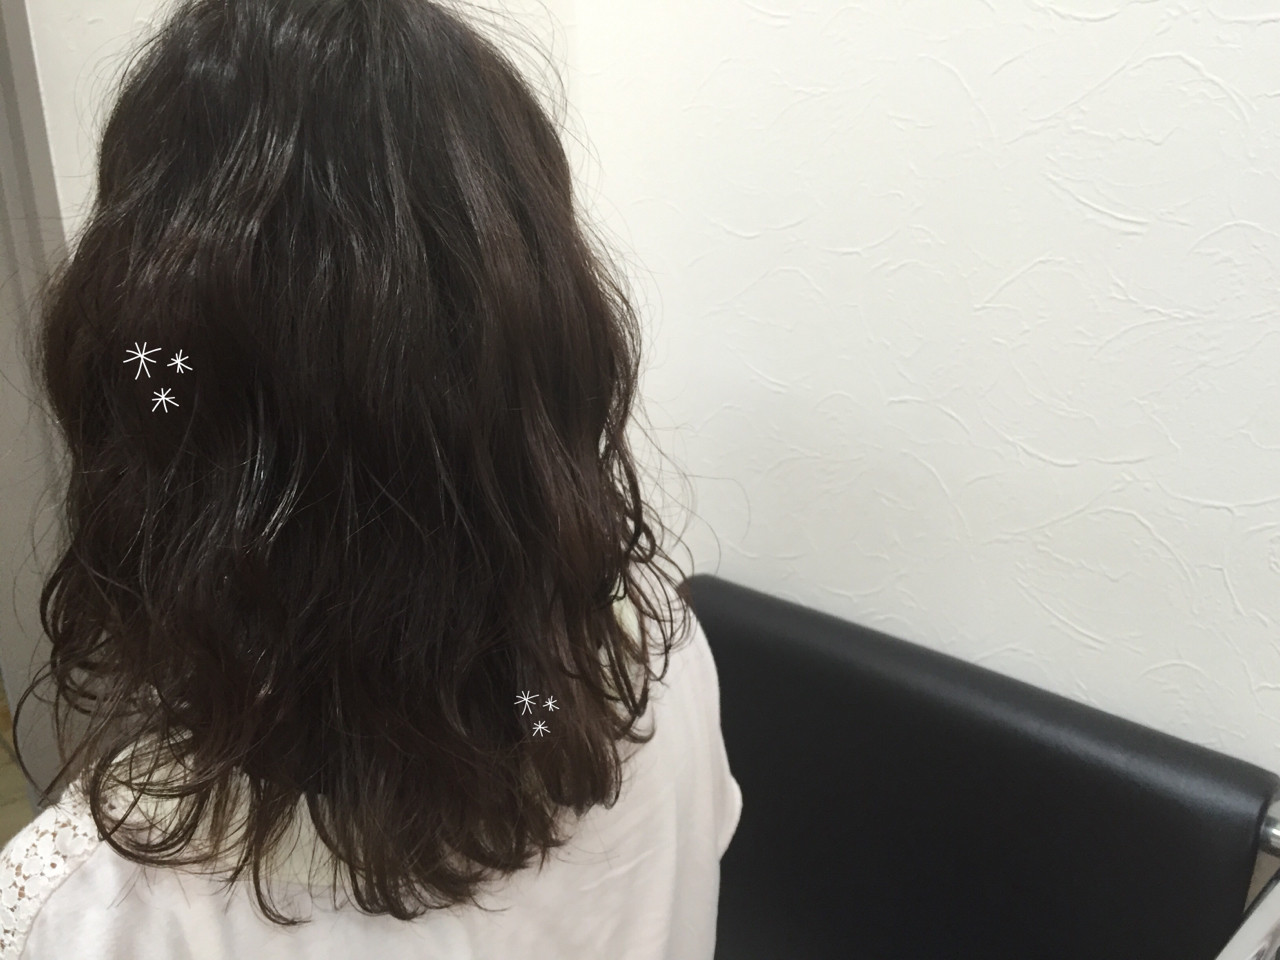 ウェットヘア 透明感 波ウェーブ アッシュ ヘアスタイルや髪型の写真・画像